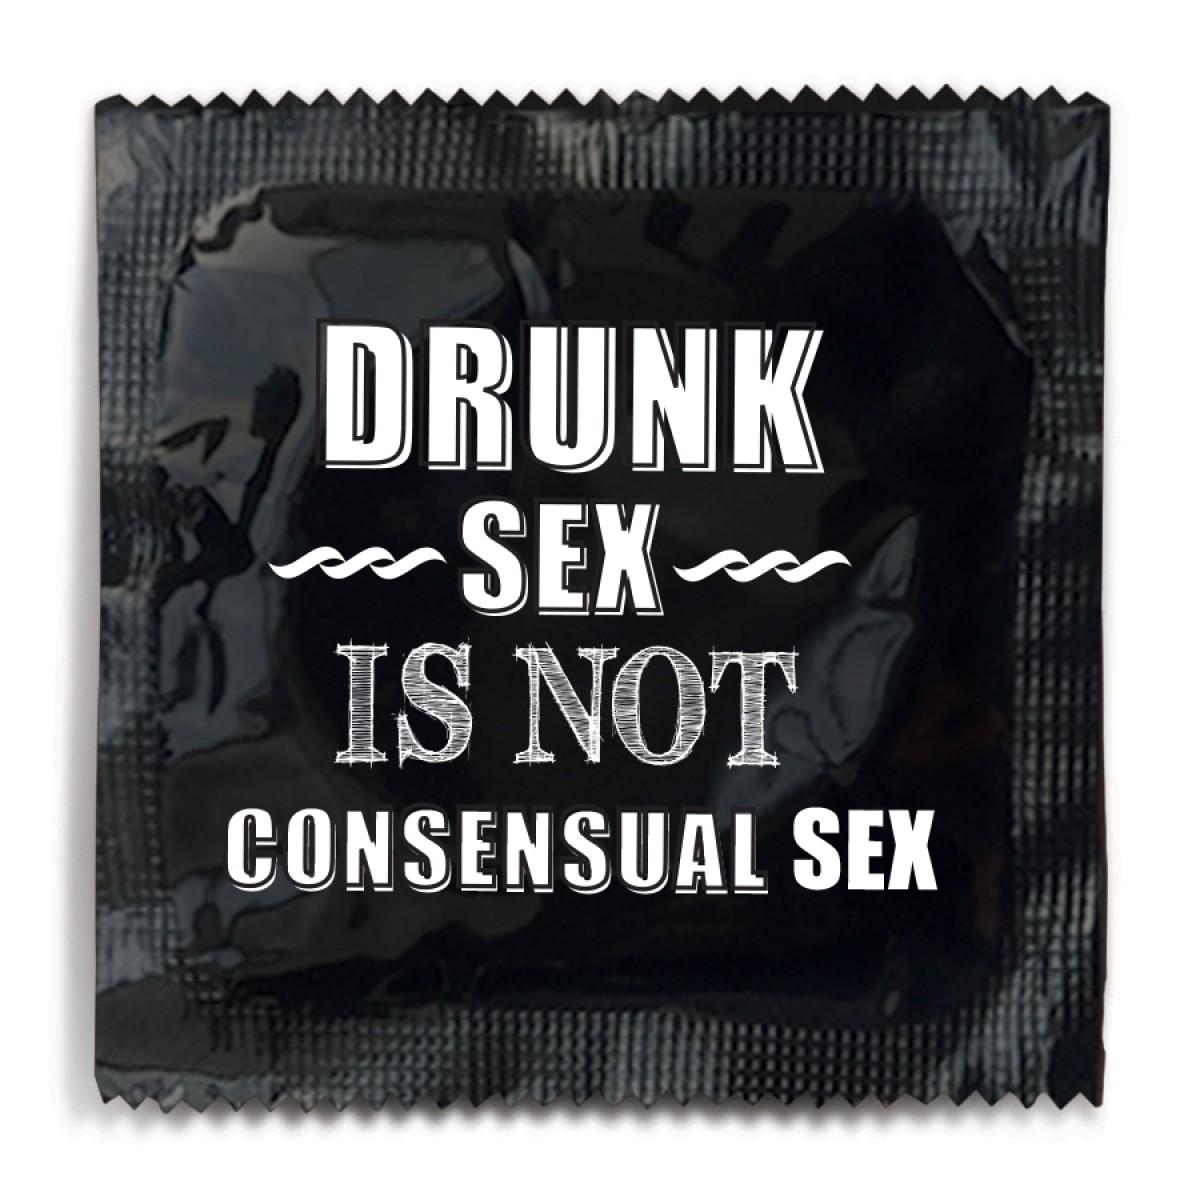 Consensual sex memo